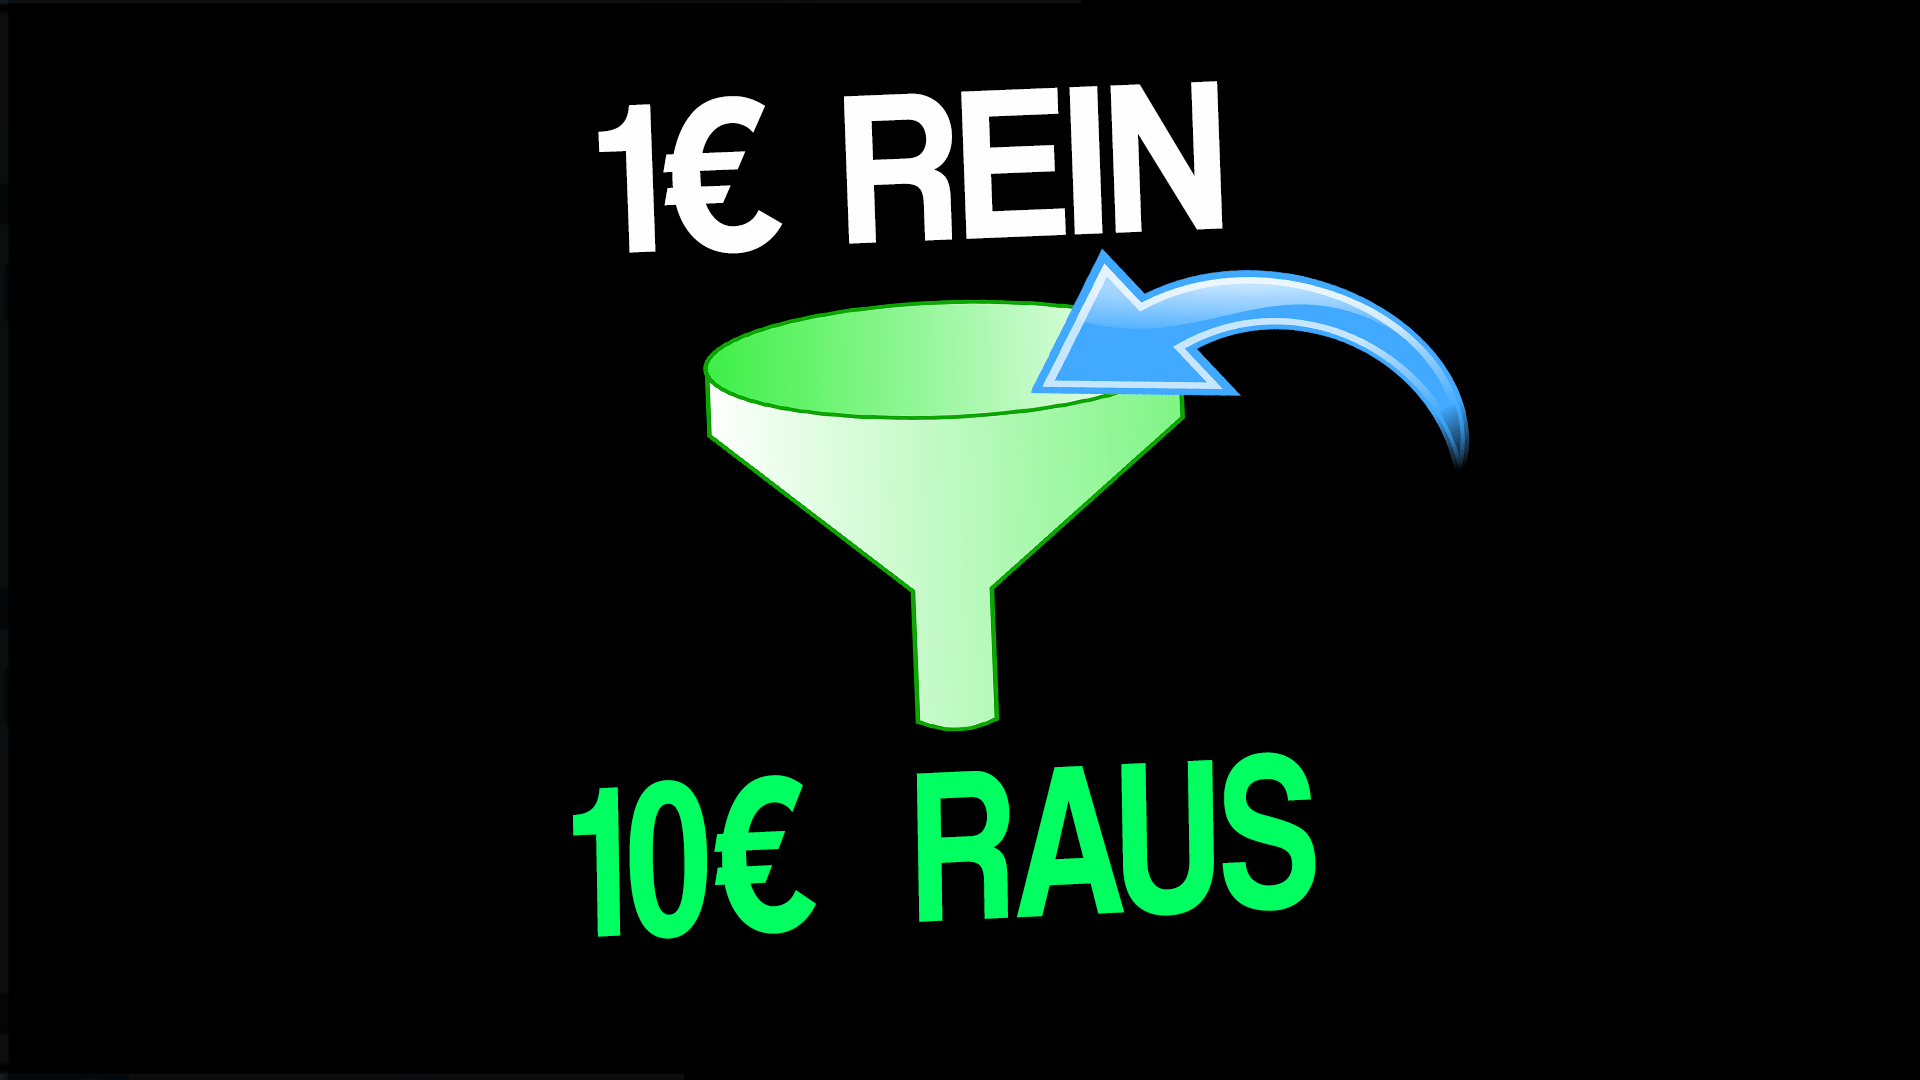 Salesfunnel – 1€ rein & 10€ raus